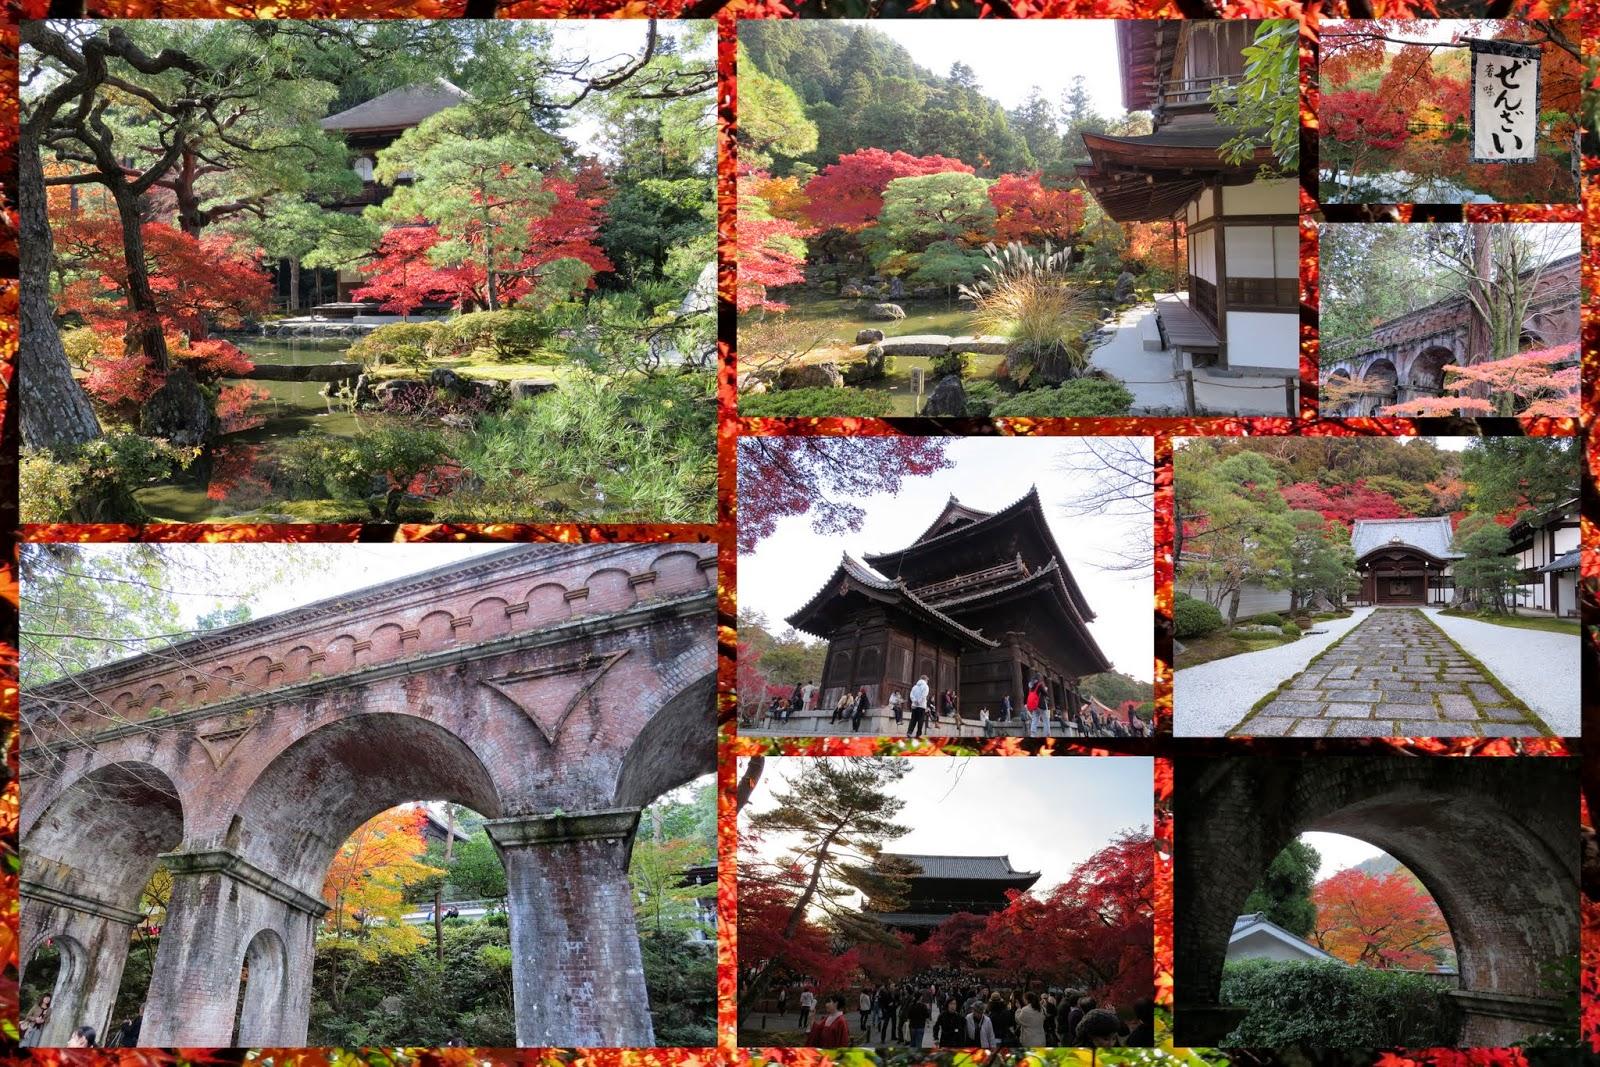 Nanzen-ji Temple with Aqueduct in Kyoto